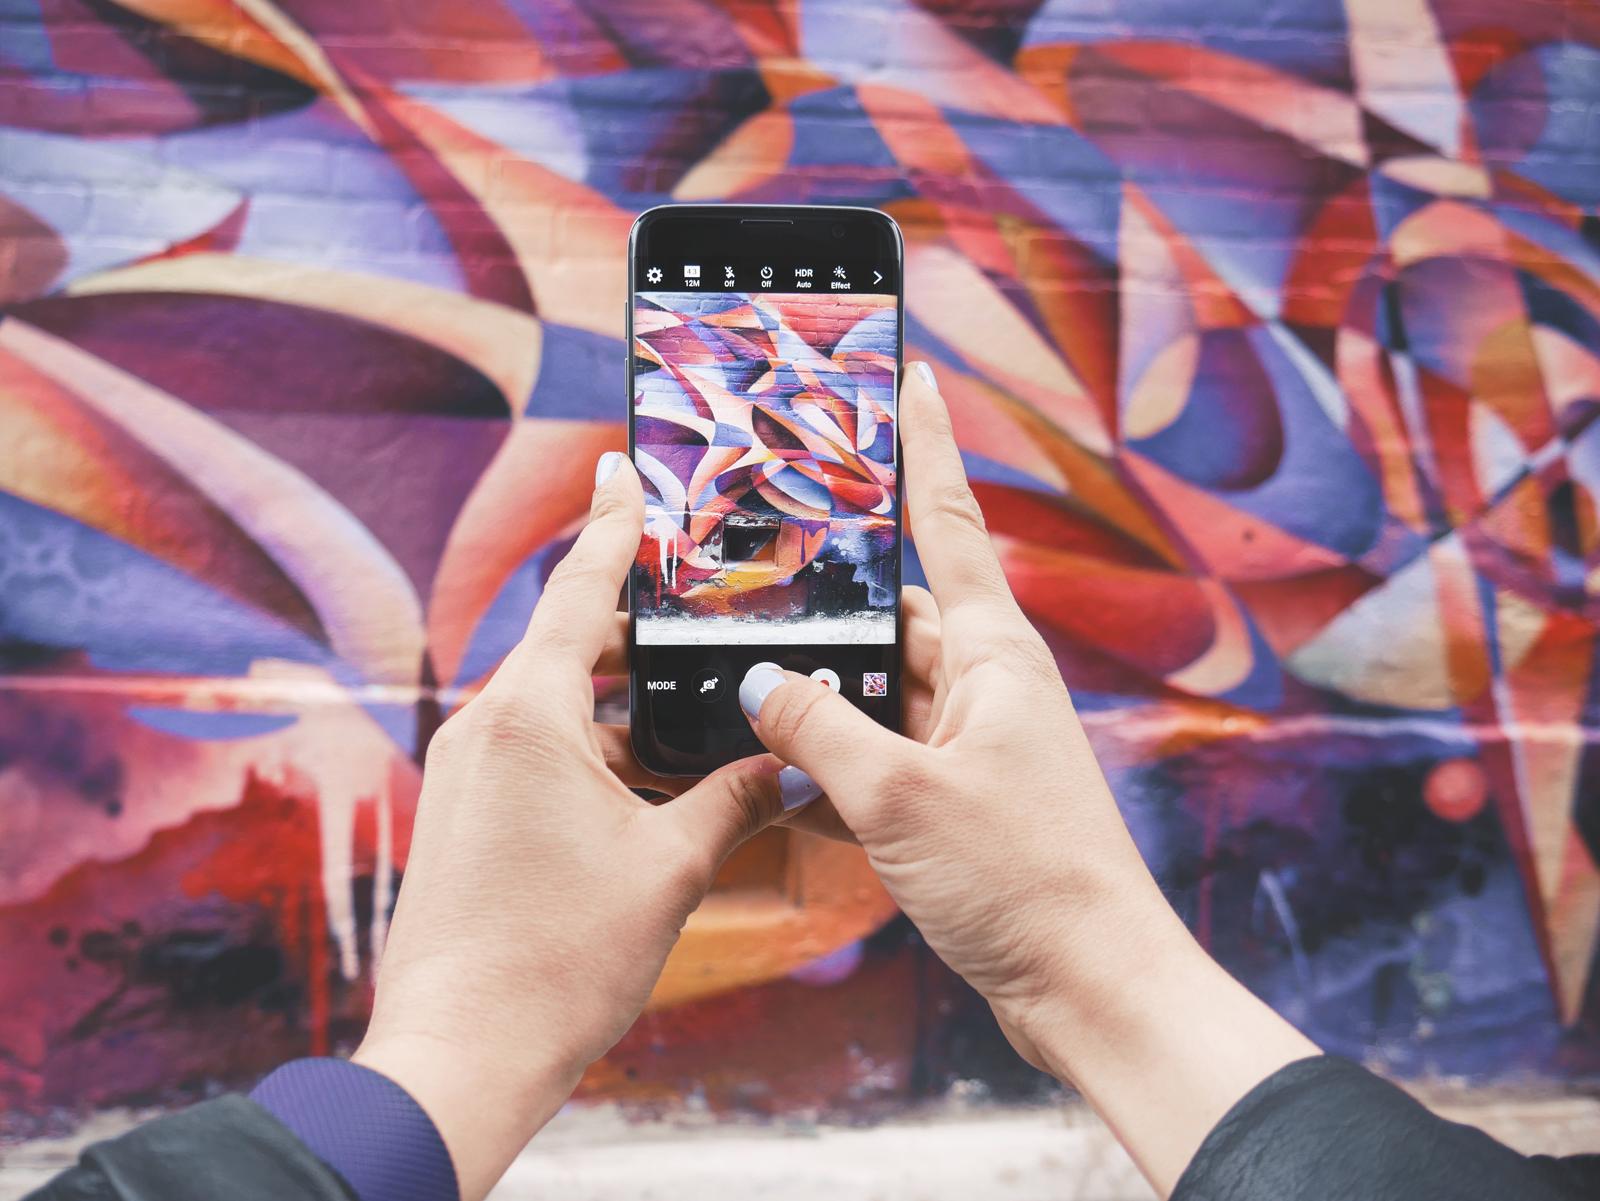 Social e fotografia: Marco Saracino ci racconta il rapporto fra i due media